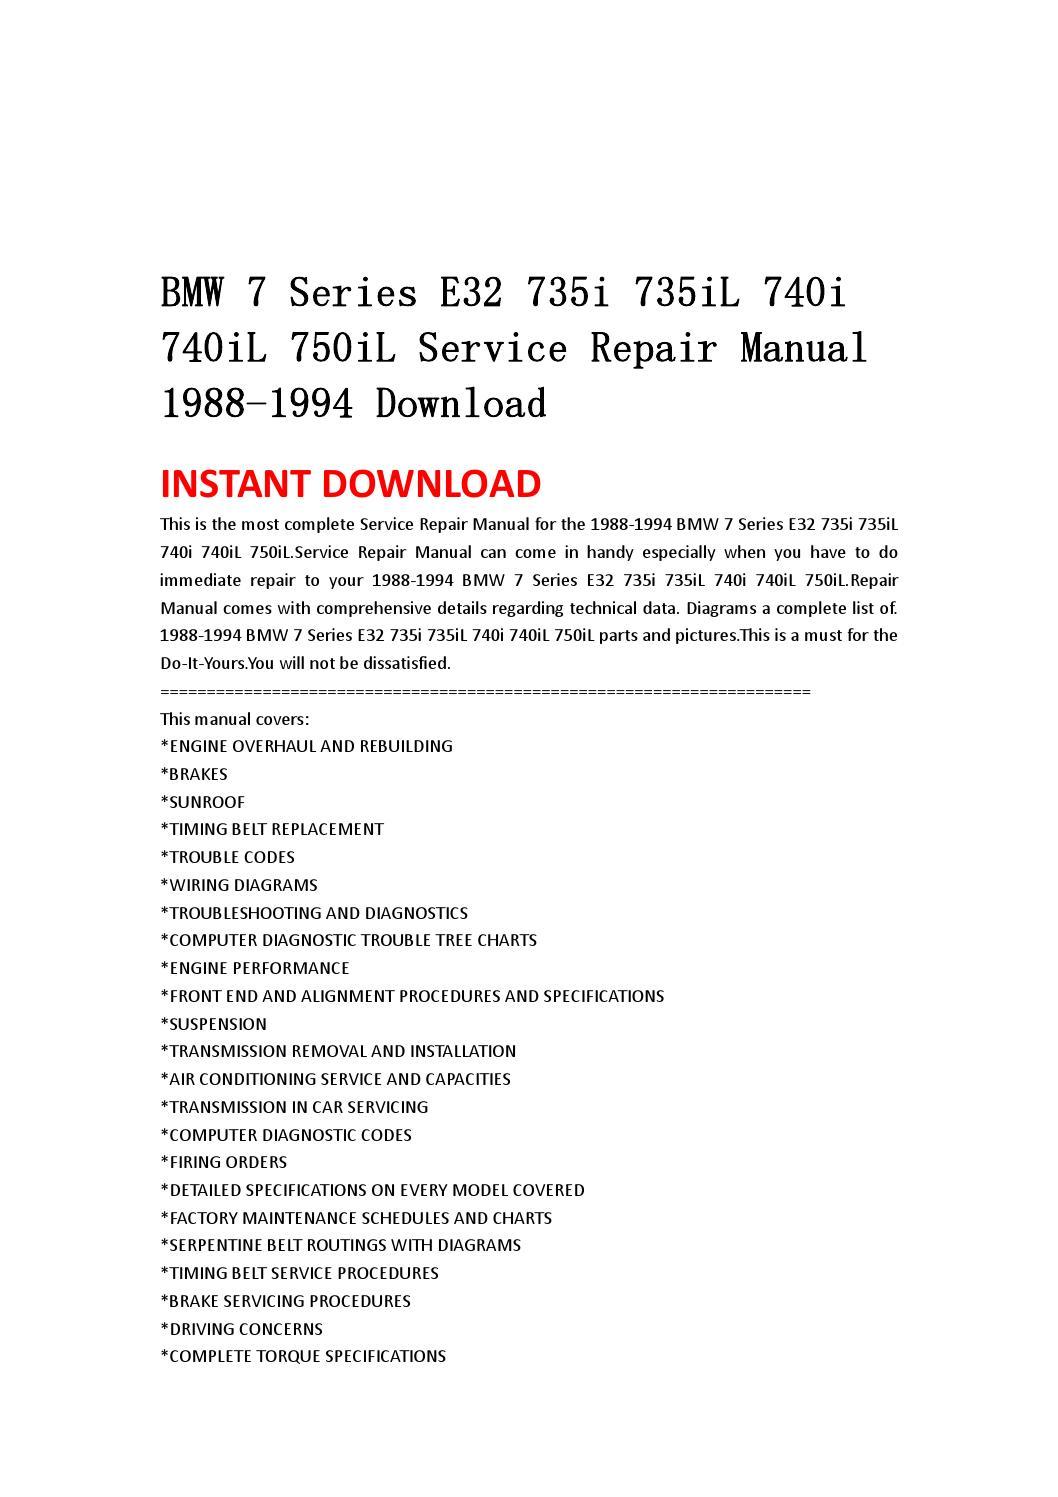 bmw 7 series e32 735i 735il 740i 740il 750il service repair manual 2008 bmw 735i bmw 7 series e32 735i 735il 740i 740il 750il service repair manual 1988 1994 download by jjfhsbebf issuu